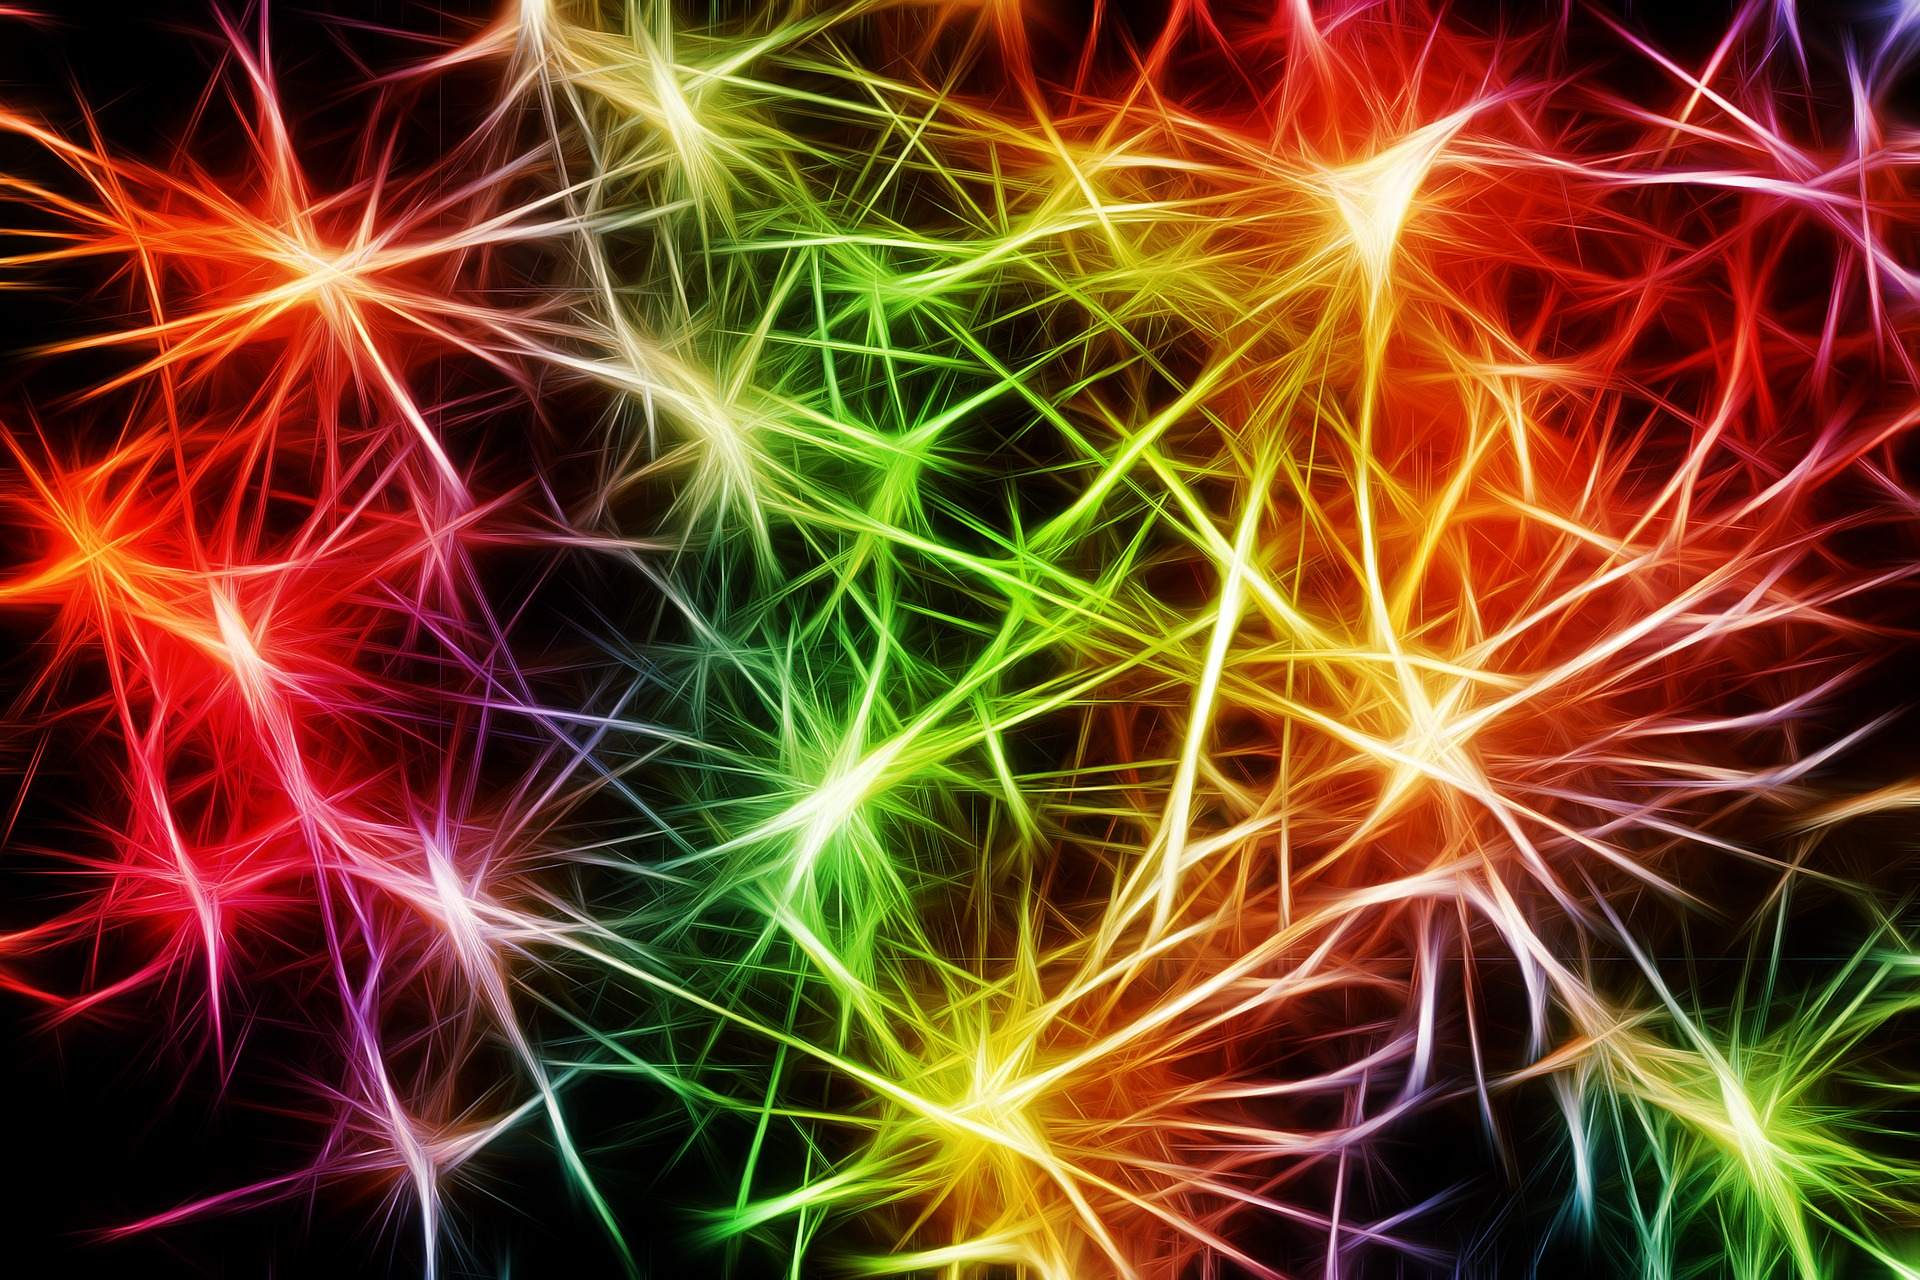 Cellules nerveuses colorées Image parGerd Altmann de Pixabay